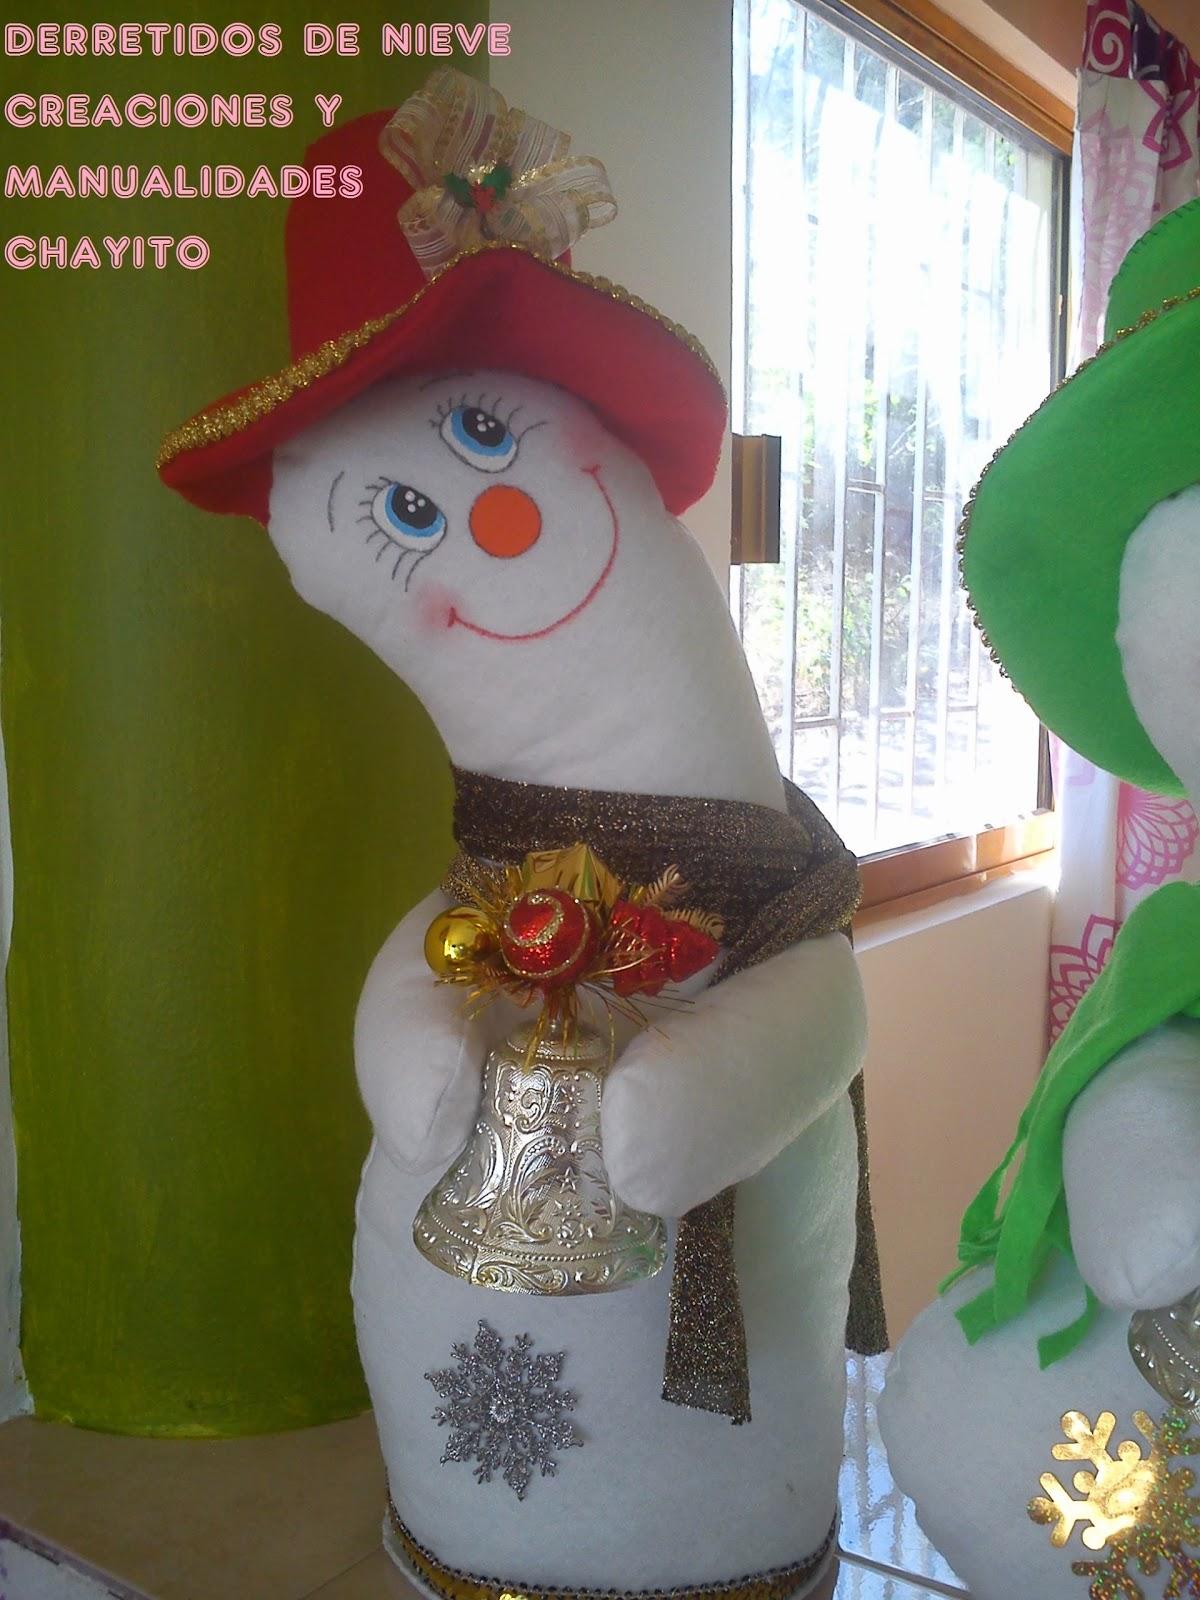 Mu ecos de nieve feliz navidad manualidades y reciclados - Manualidades munecos de navidad ...